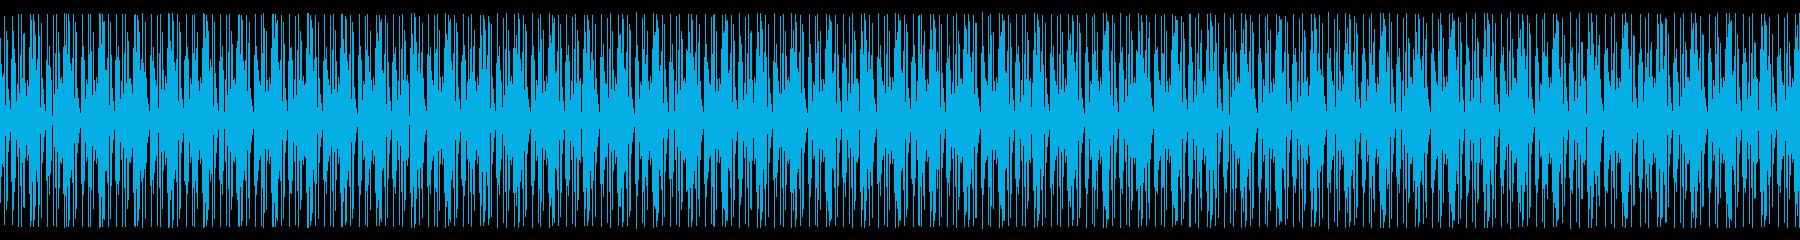 トラップの再生済みの波形